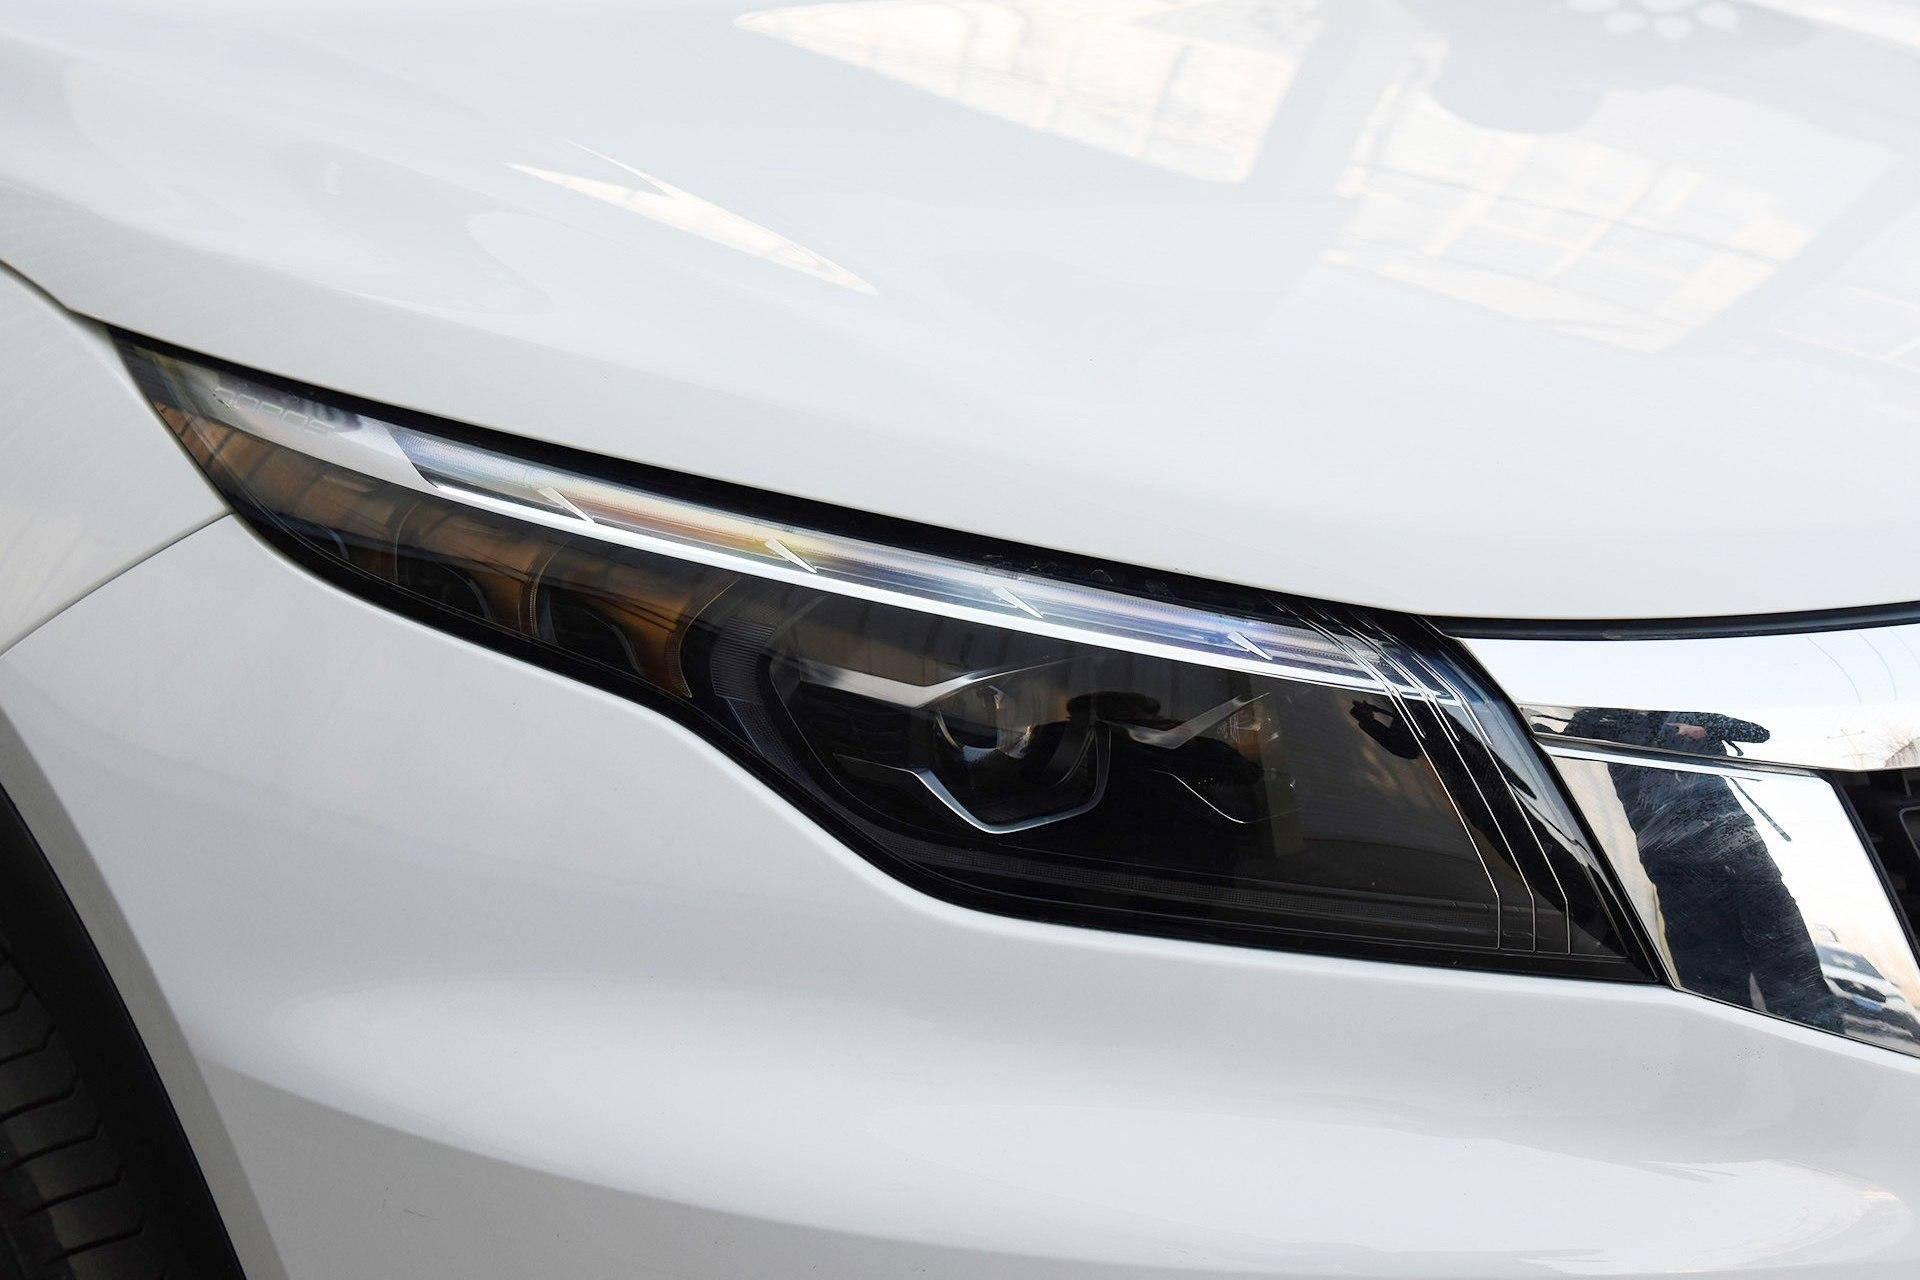 斩获权威大奖,轴距长达2.71米,14万国产SUV可挑揽胜极光